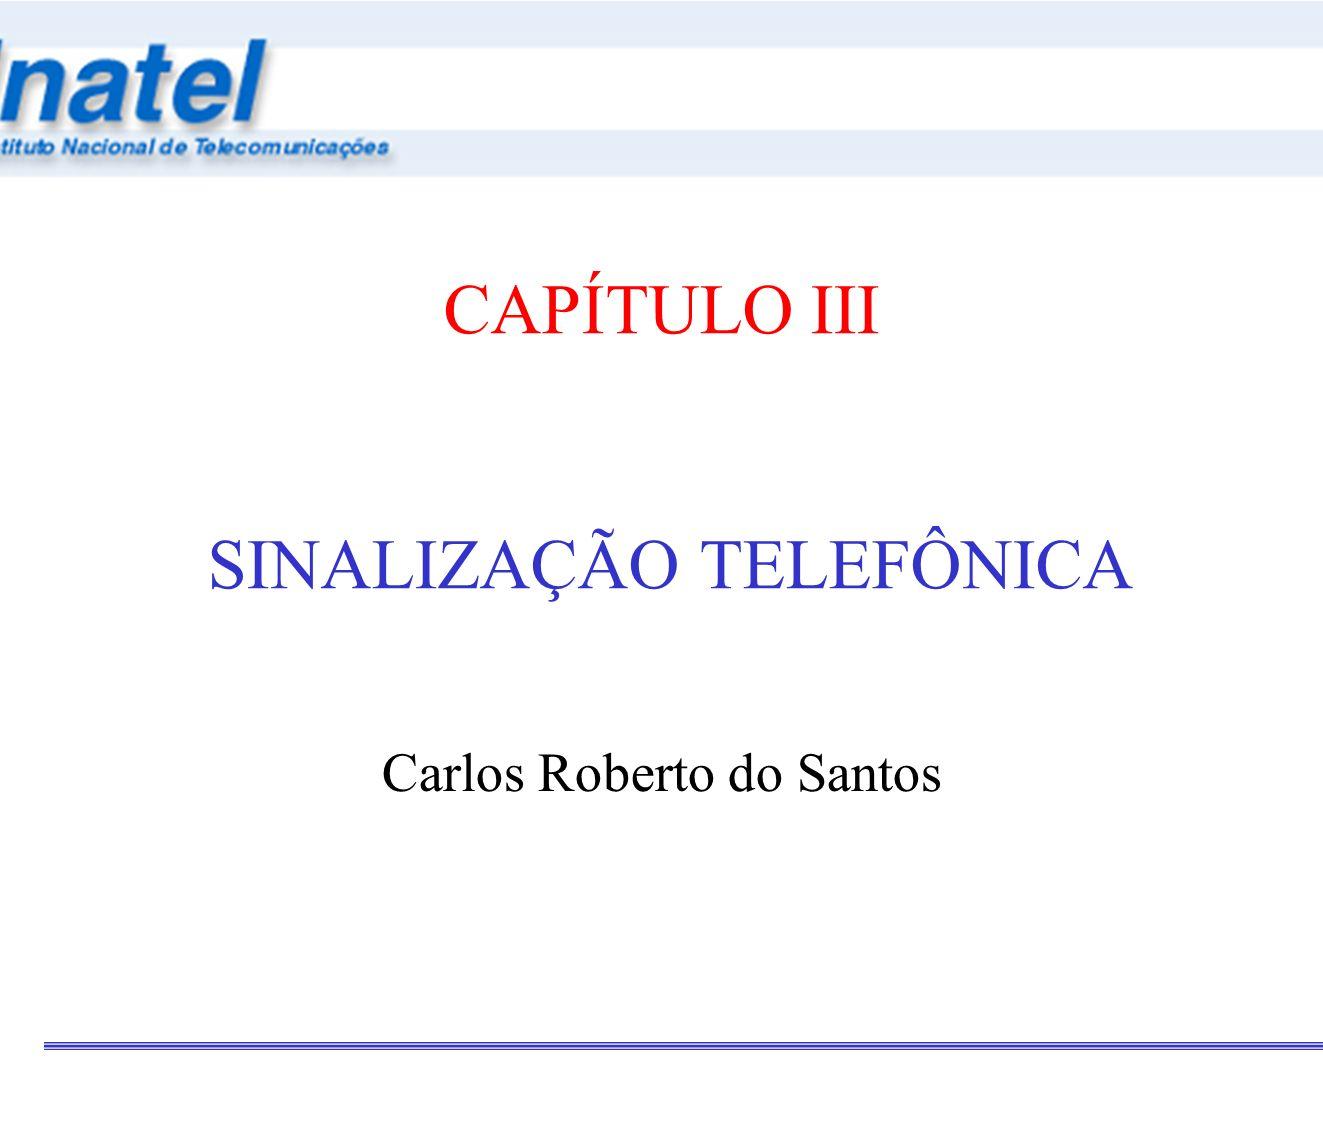 CAPÍTULO III SINALIZAÇÃO TELEFÔNICA